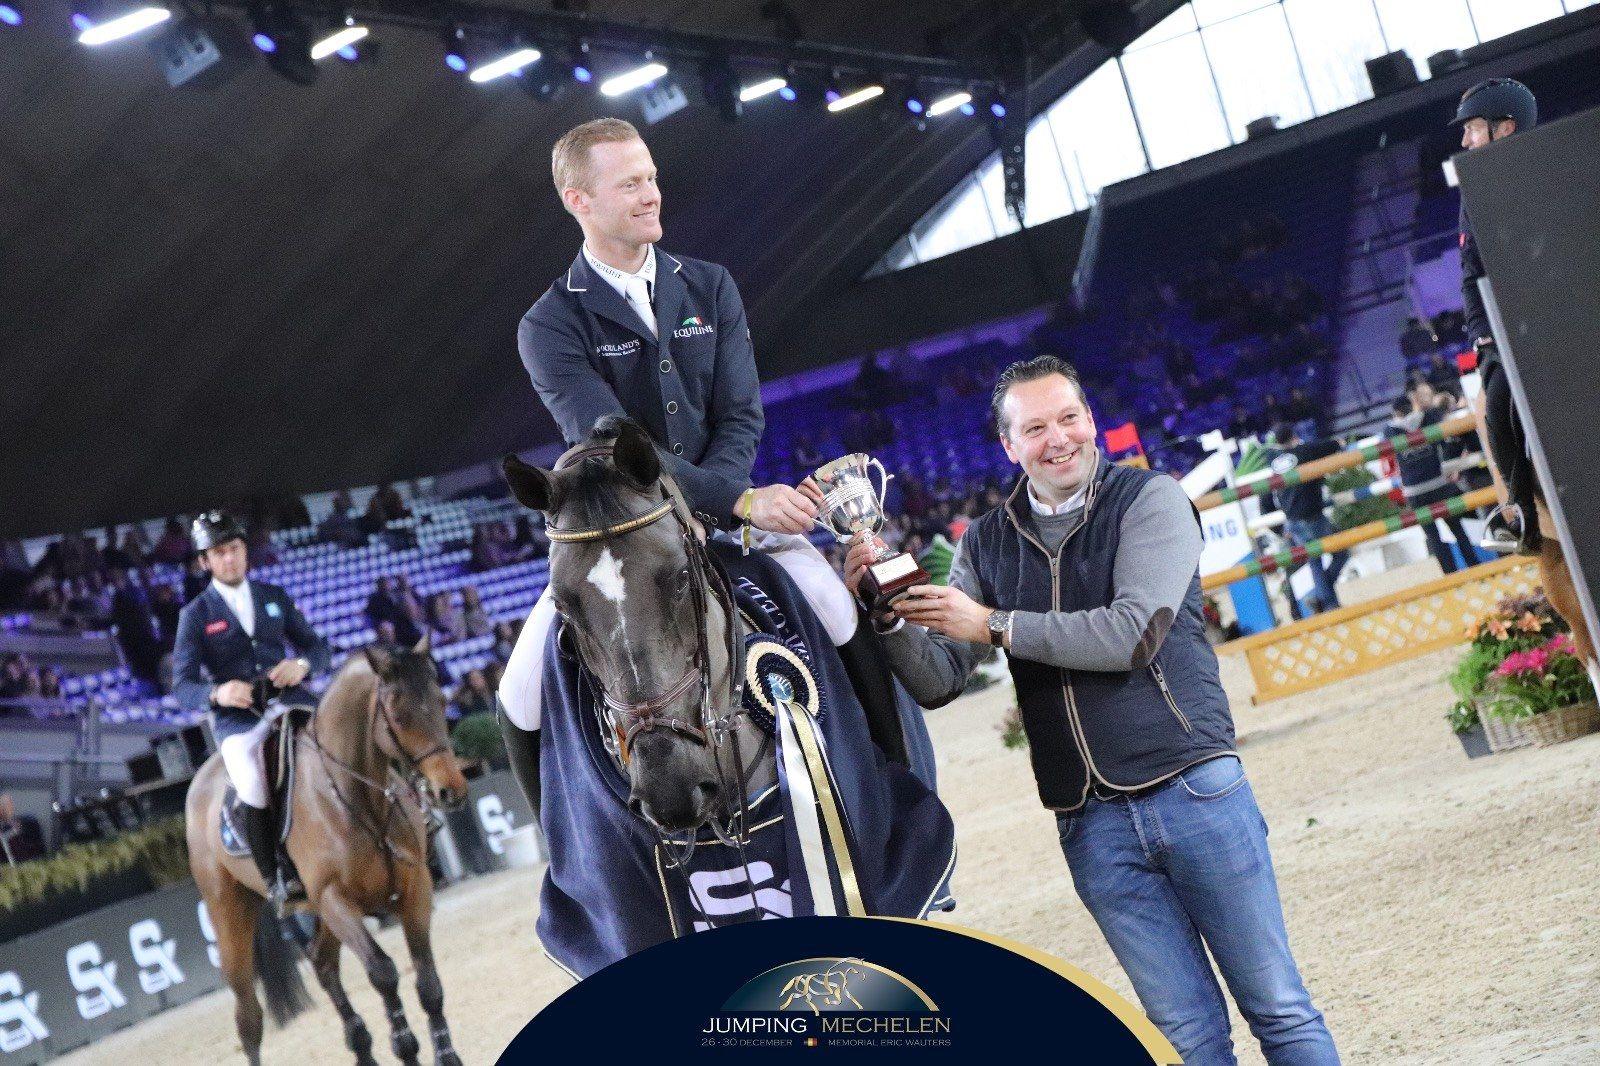 El jinete belga Niels Bruynseels repitió en el CSI5* Jumping Mechelen y sumar su segunda victoria en casa, llevándose el Trailer como primer premio.